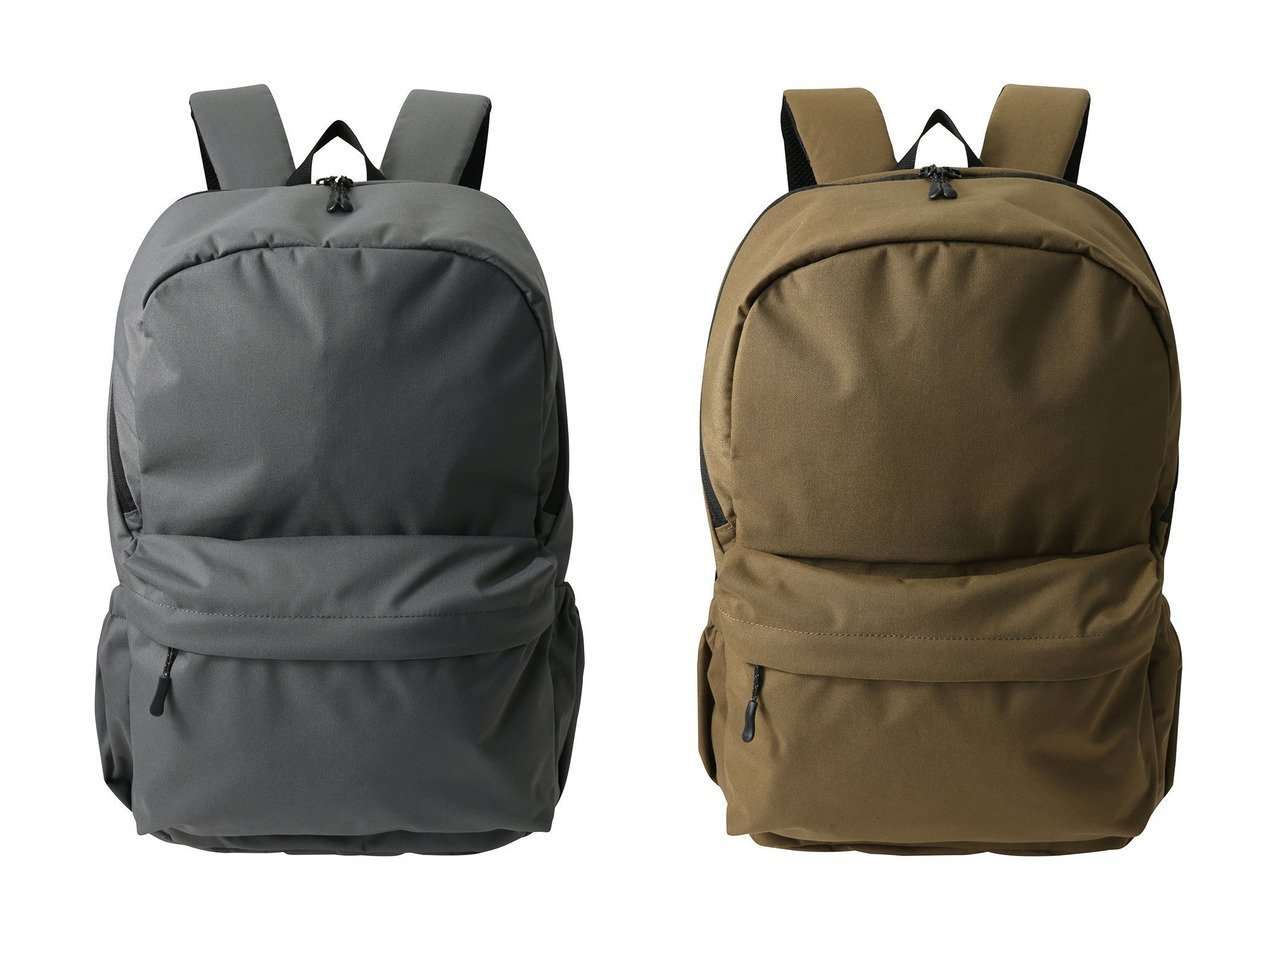 【SNOW PEAK/スノーピーク】の【UNISEX】Everyday Use Backpack 【バッグ・鞄】おすすめ!人気、トレンド・レディースファッションの通販   おすすめで人気の流行・トレンド、ファッションの通販商品 インテリア・家具・メンズファッション・キッズファッション・レディースファッション・服の通販 founy(ファニー) https://founy.com/ ファッション Fashion レディースファッション WOMEN スポーツウェア Sportswear スポーツ バッグ/ポーチ Bag 2020年 2020 2020-2021秋冬・A/W AW・Autumn/Winter・FW・Fall-Winter/2020-2021 2021年 2021 2021-2022秋冬・A/W AW・Autumn/Winter・FW・Fall-Winter・2021-2022 A/W・秋冬 AW・Autumn/Winter・FW・Fall-Winter UNISEX スポーツ スリーブ ポケット 傘 |ID:crp329100000064839